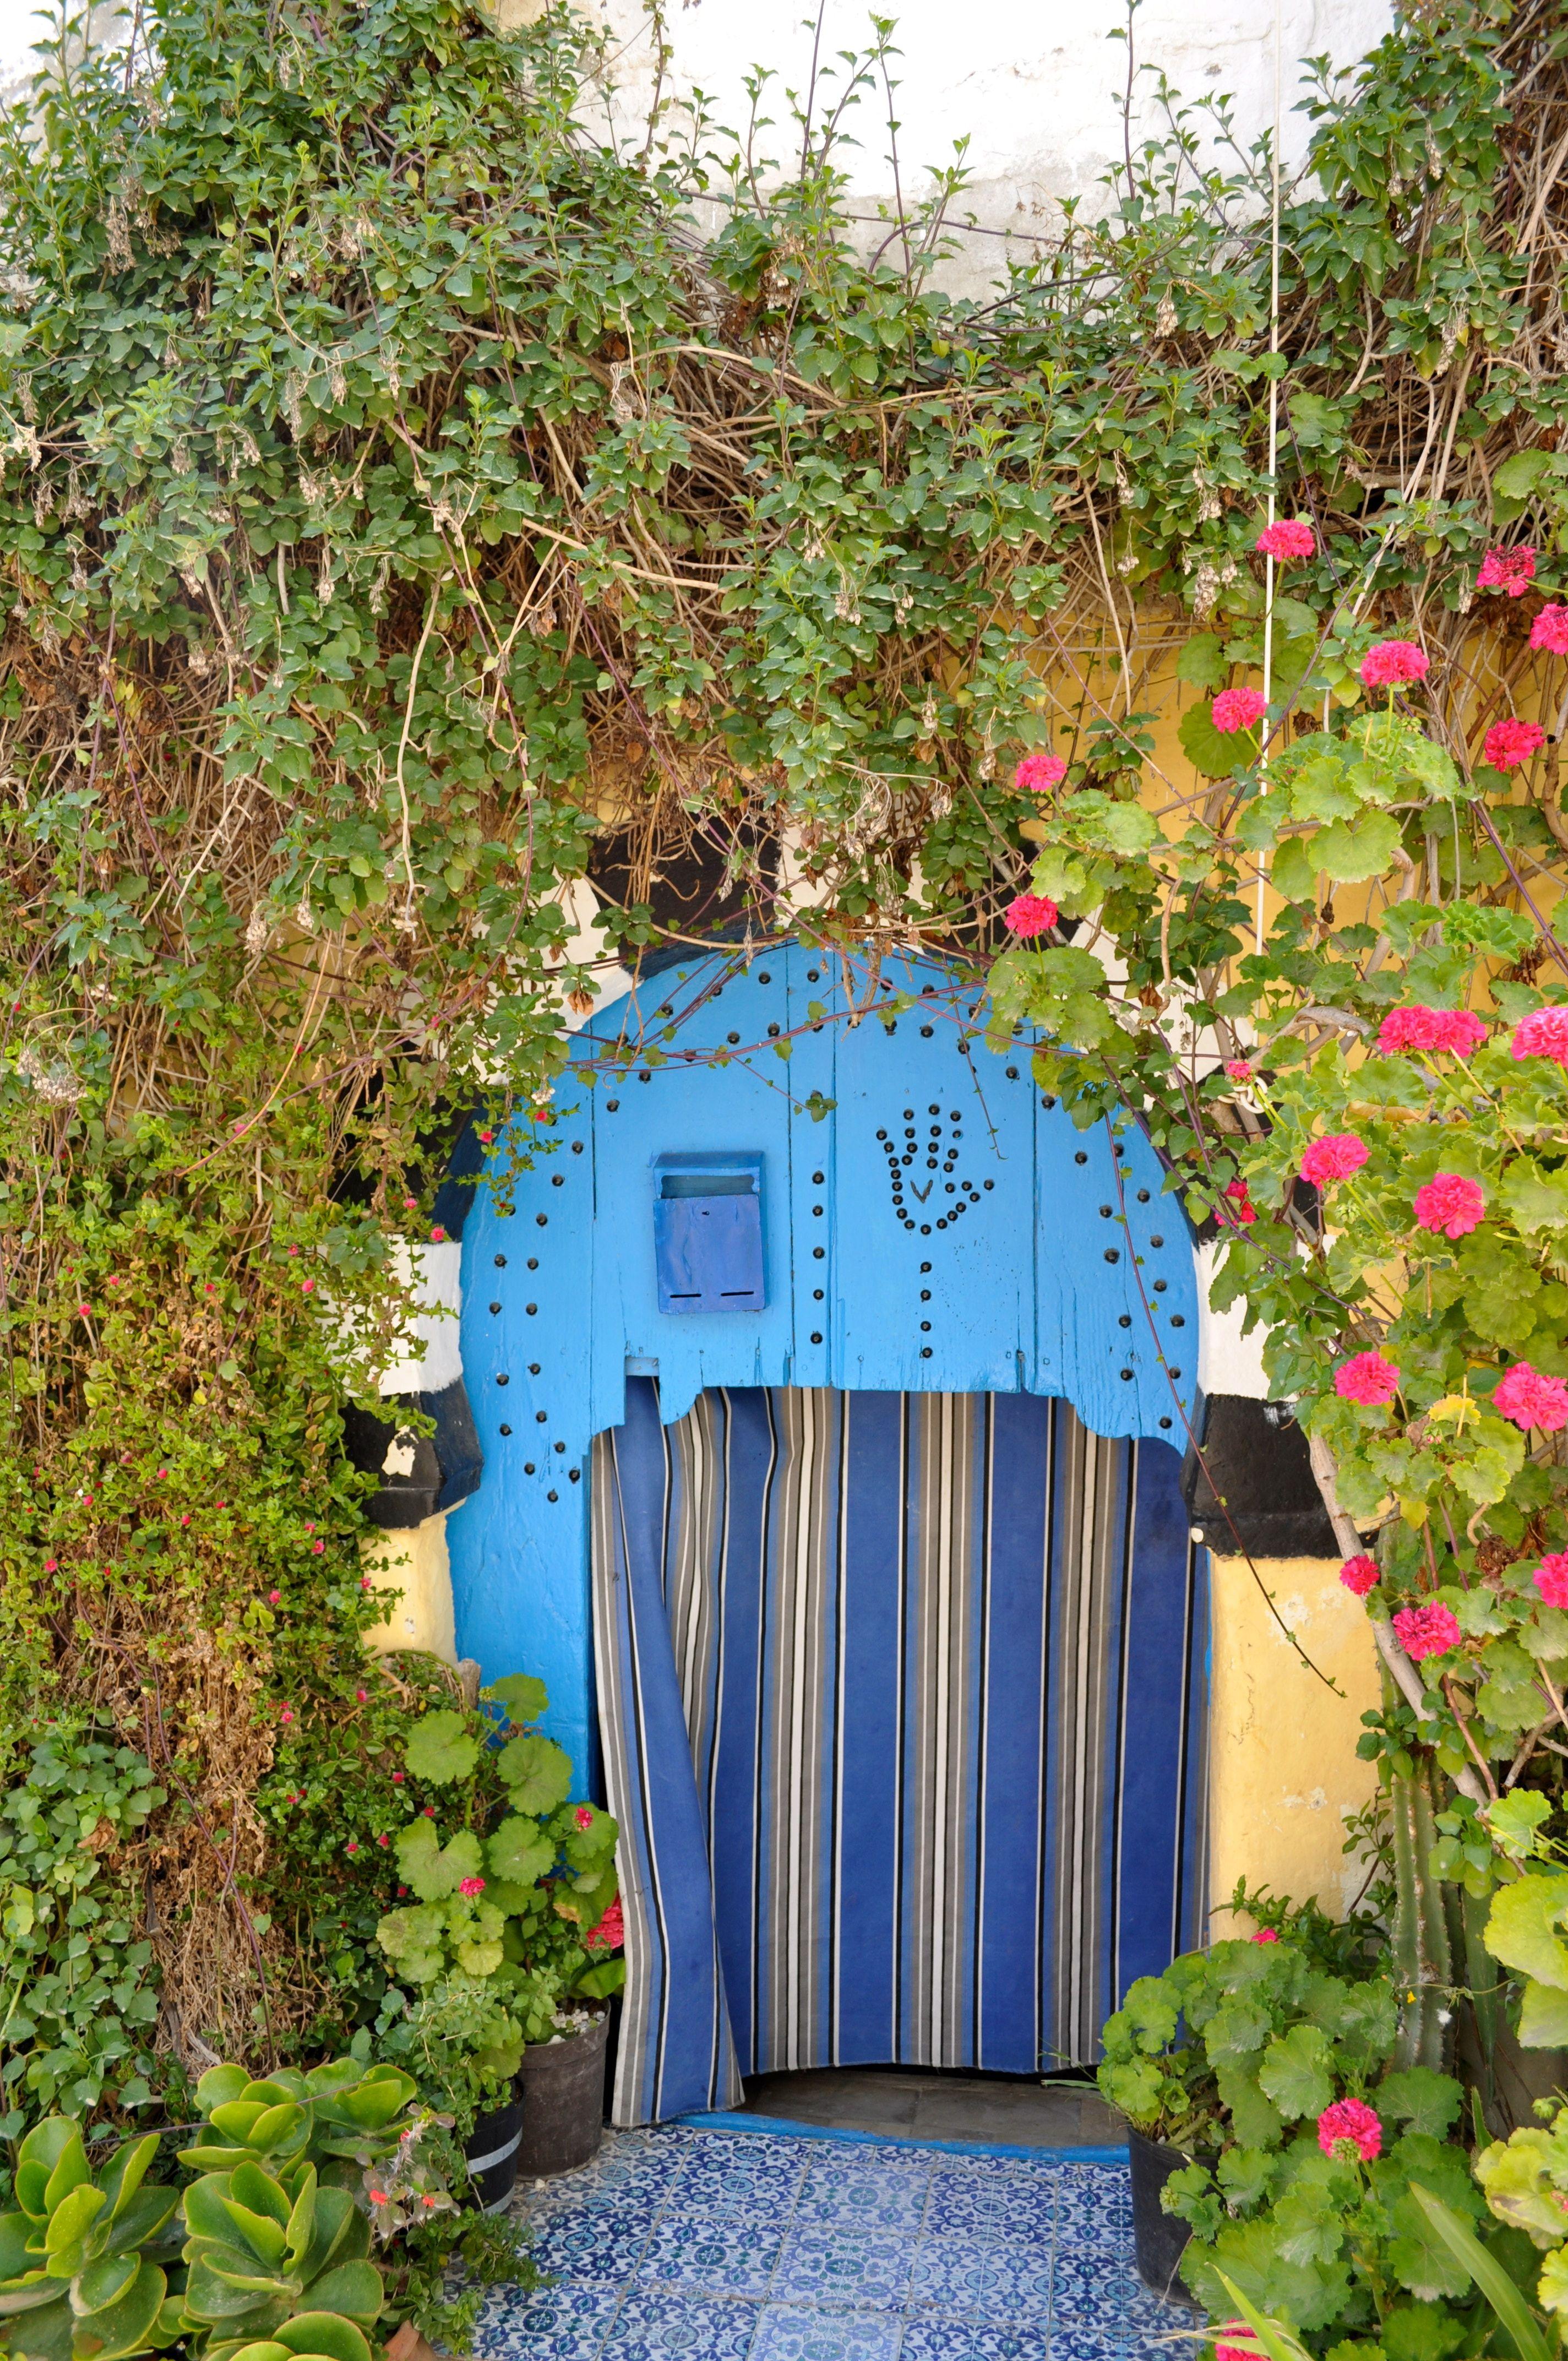 Sidi Bou Said, Tunisia May 2011